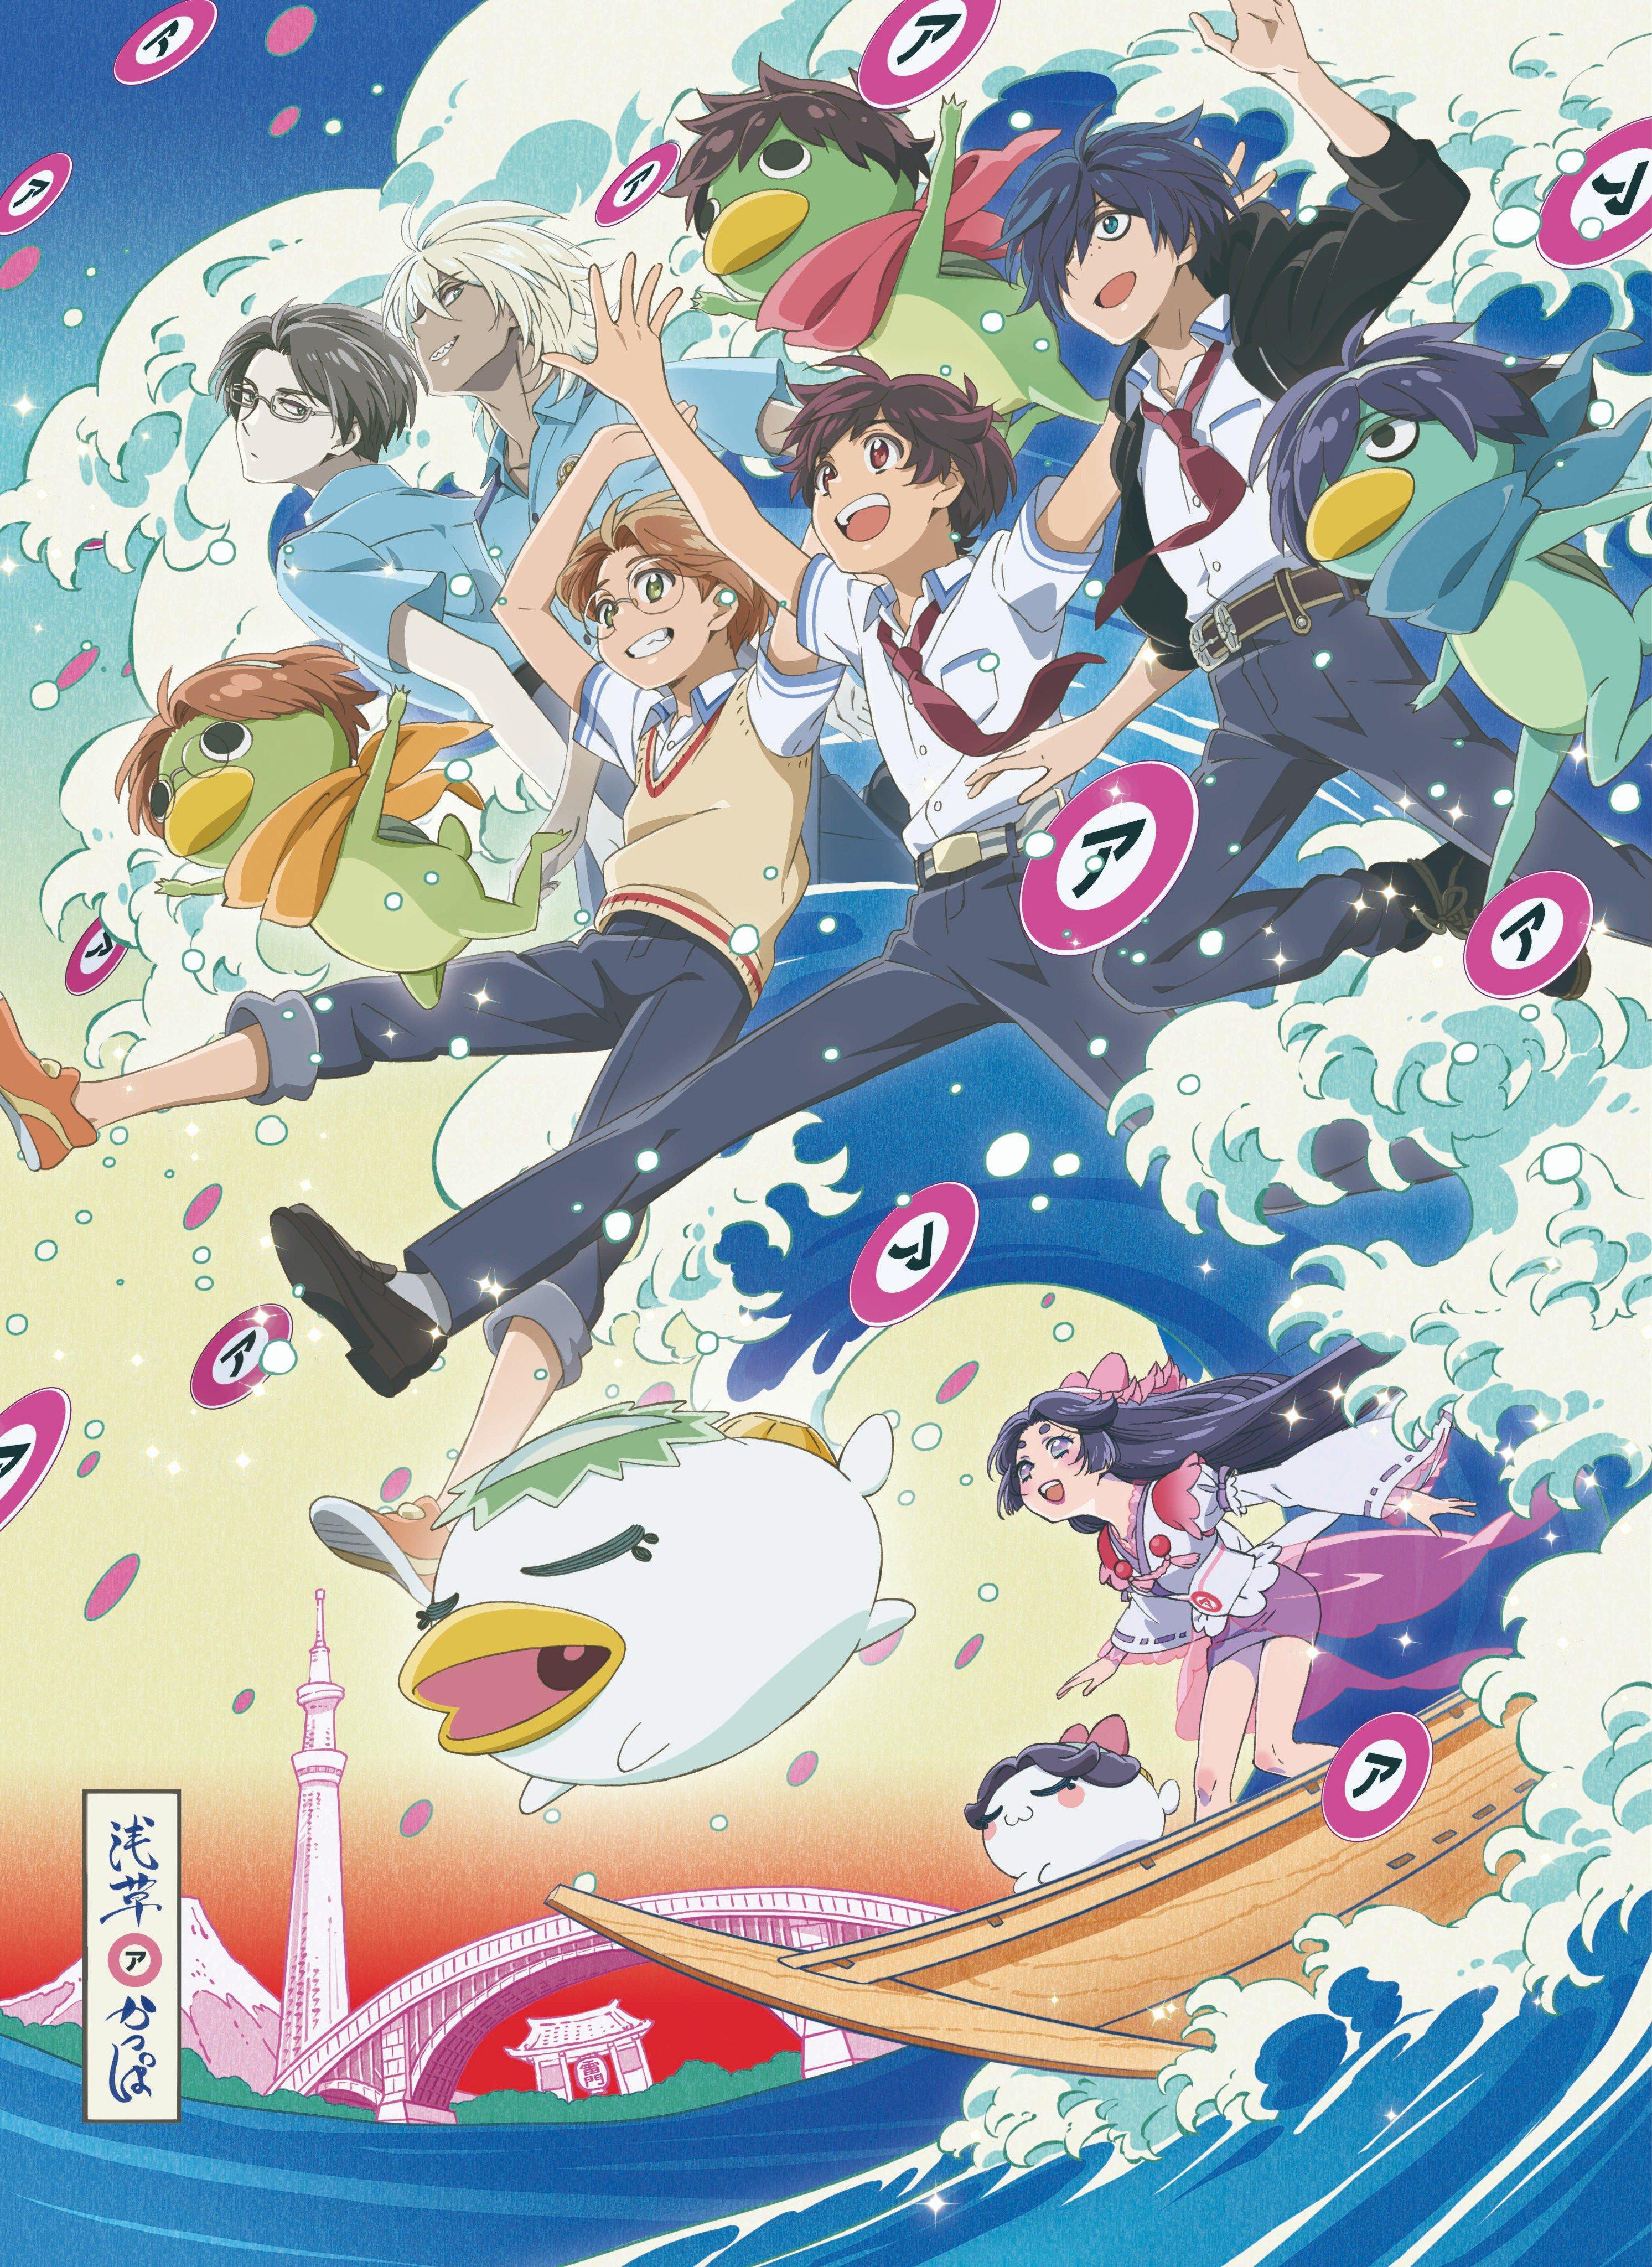 Cloth Poster Wall Scroll Anime SARAZANMAI Kuji Toi Yasaka Kazuki 60x40cm